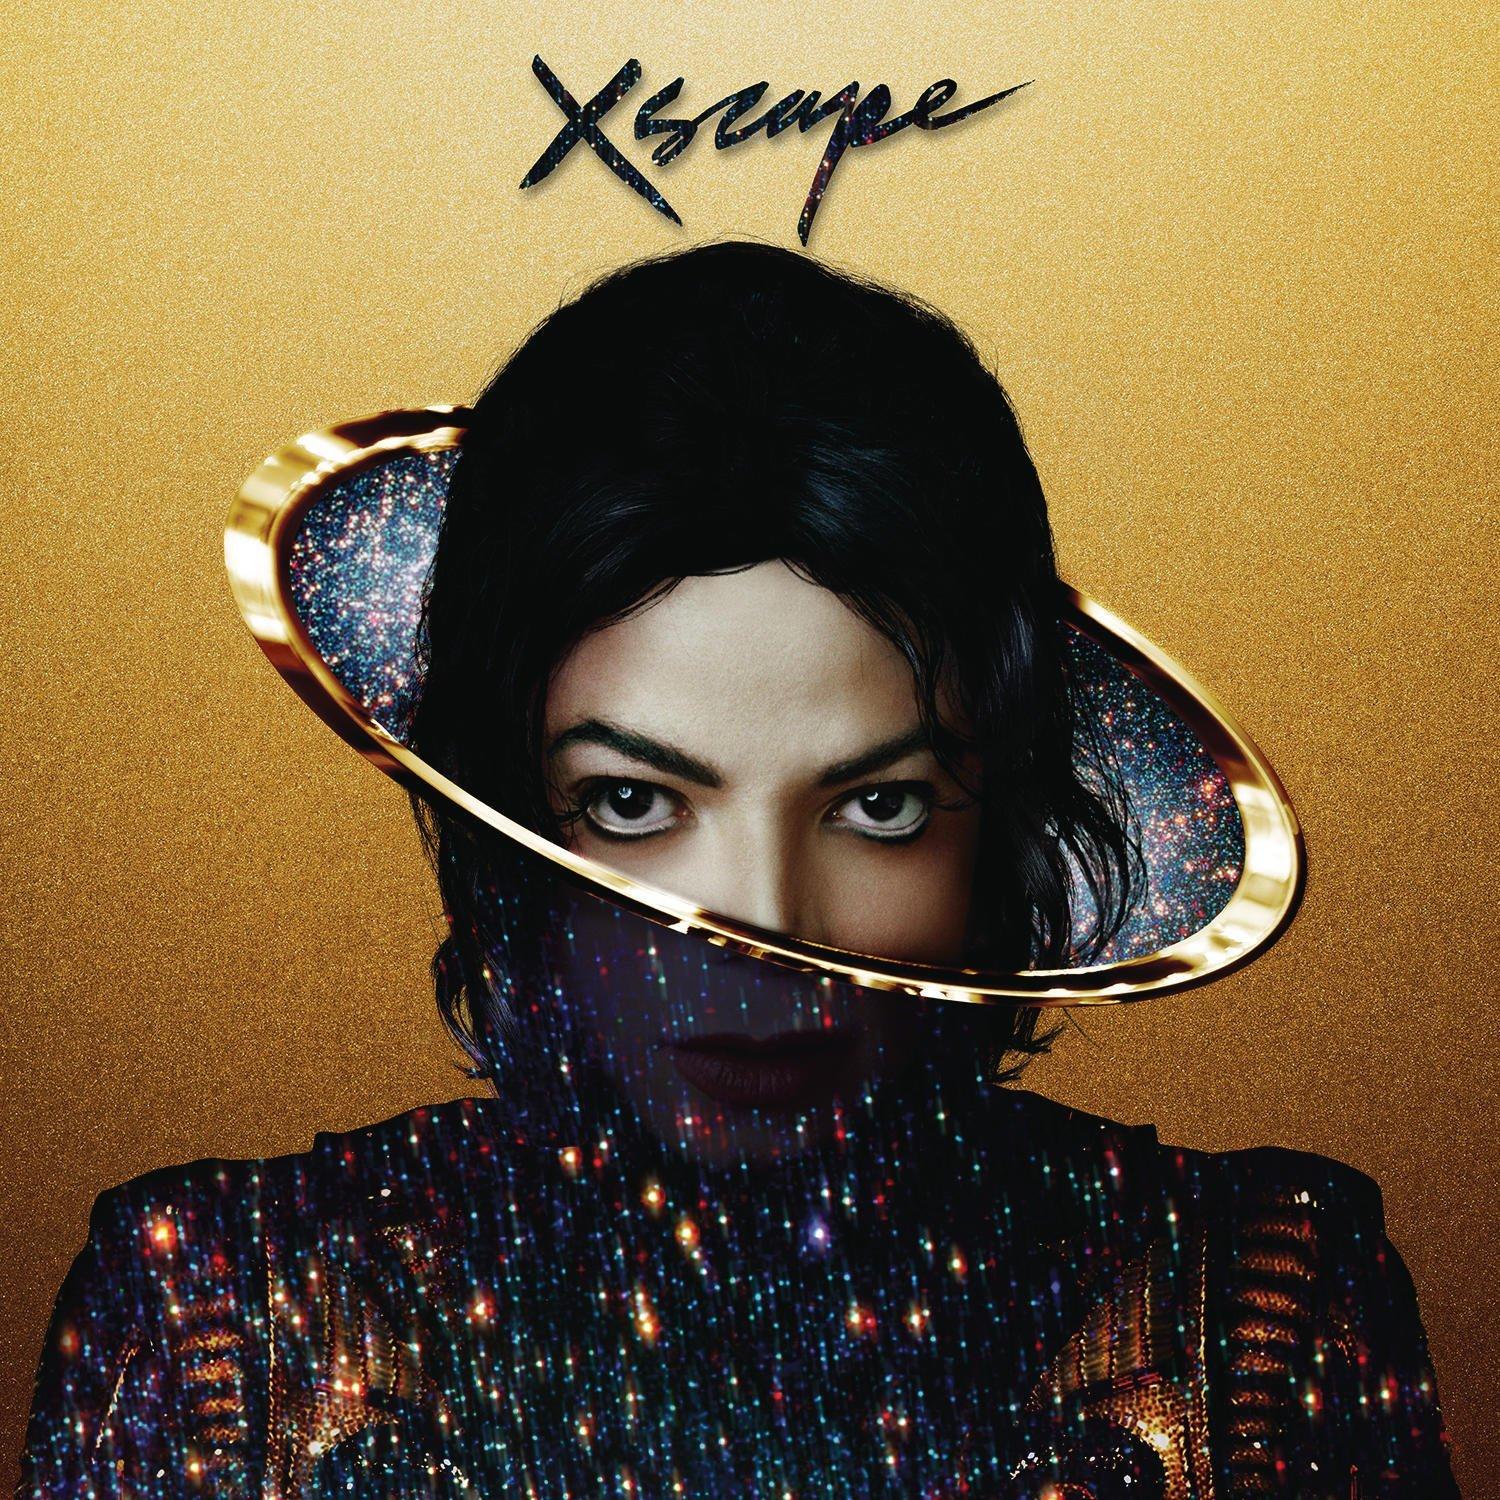 Playstorm Review: Michael Jackson – Xscape (2014)